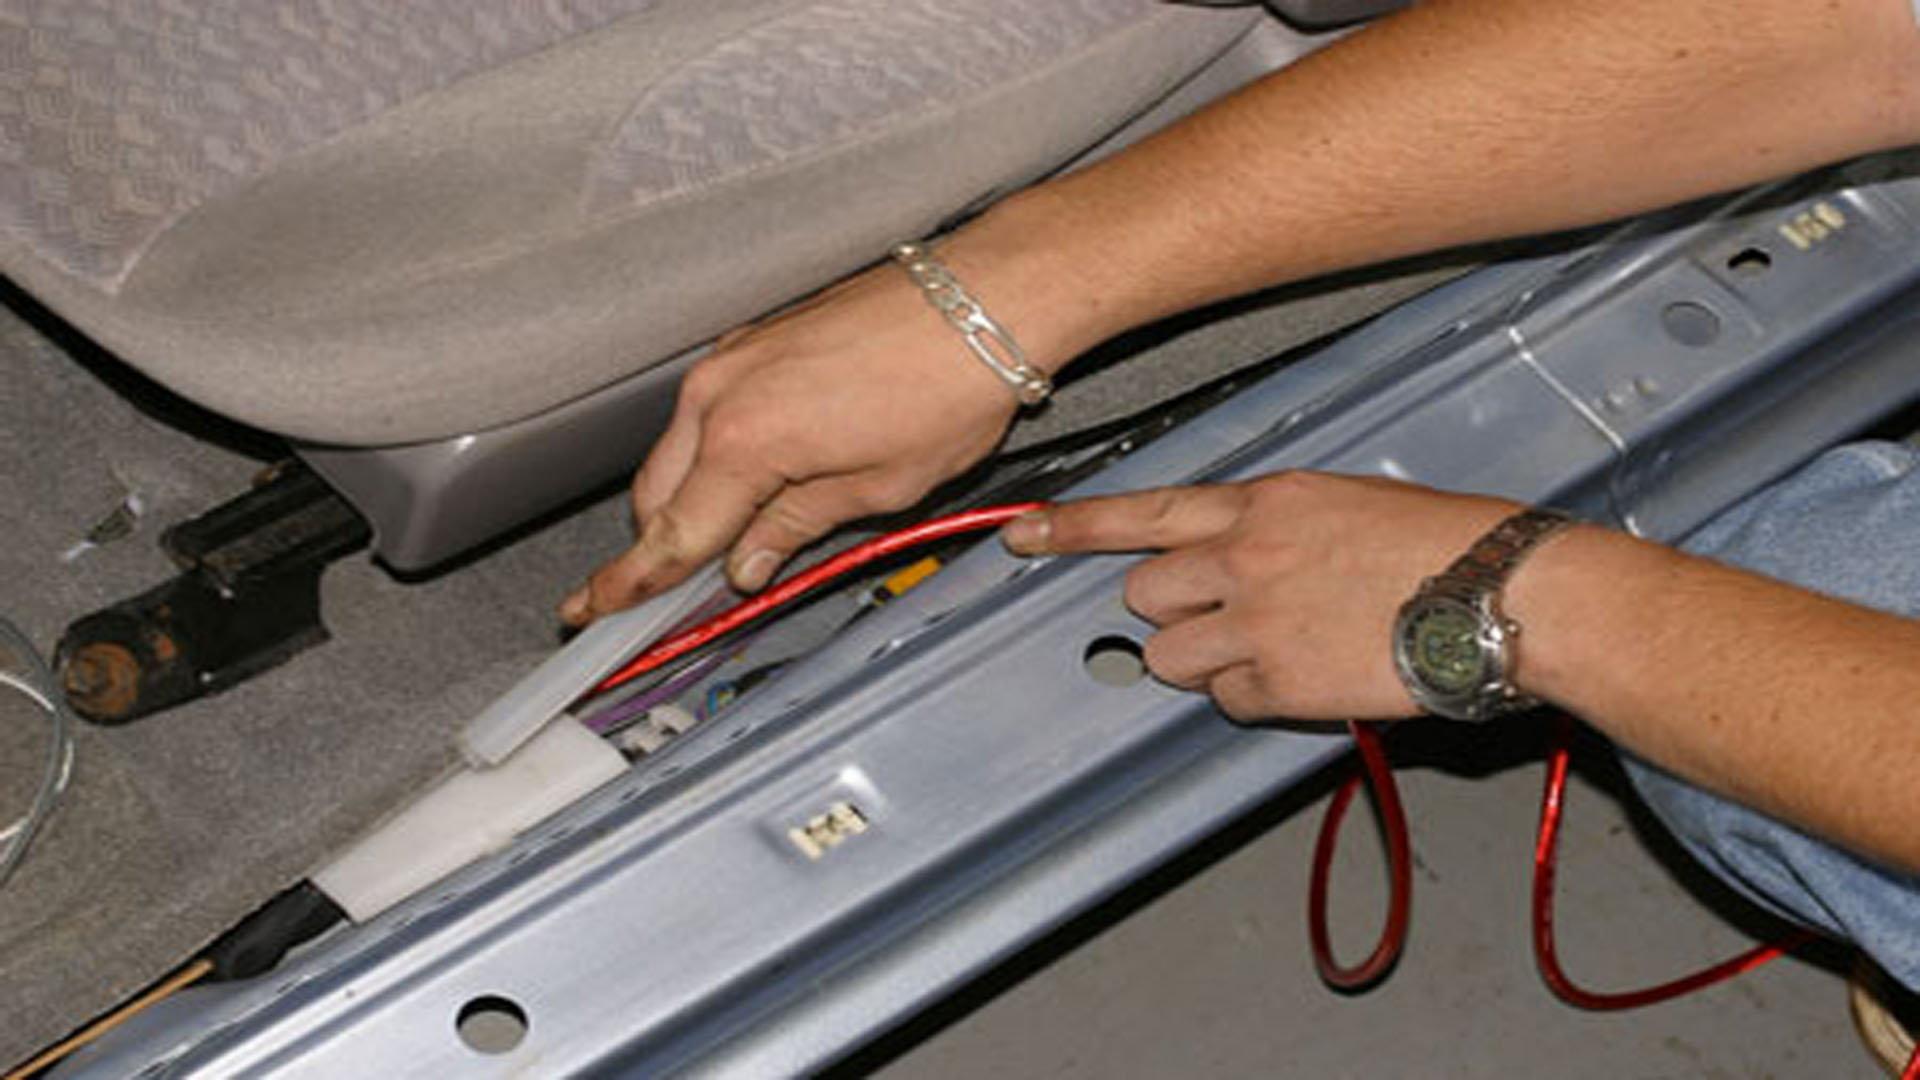 C6 Corvette How To Install Rear Subwoofer Corvetteforum